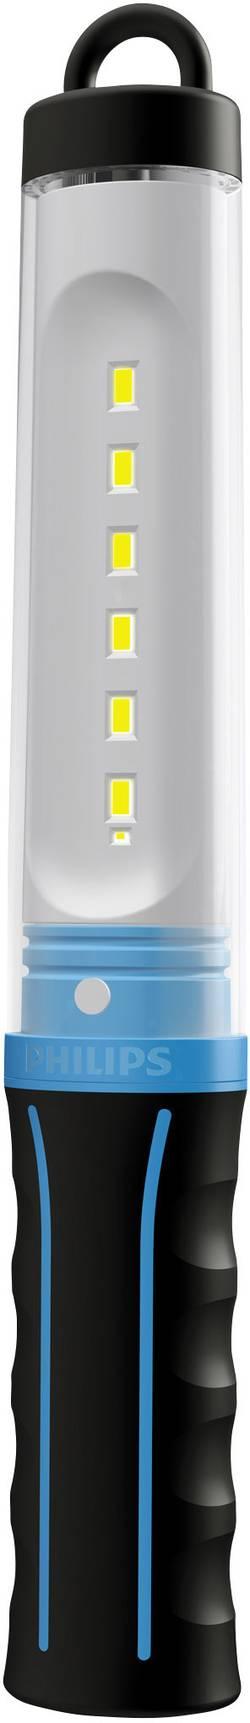 Lampe de travail LED high-perf Philips 39060531 à batterie